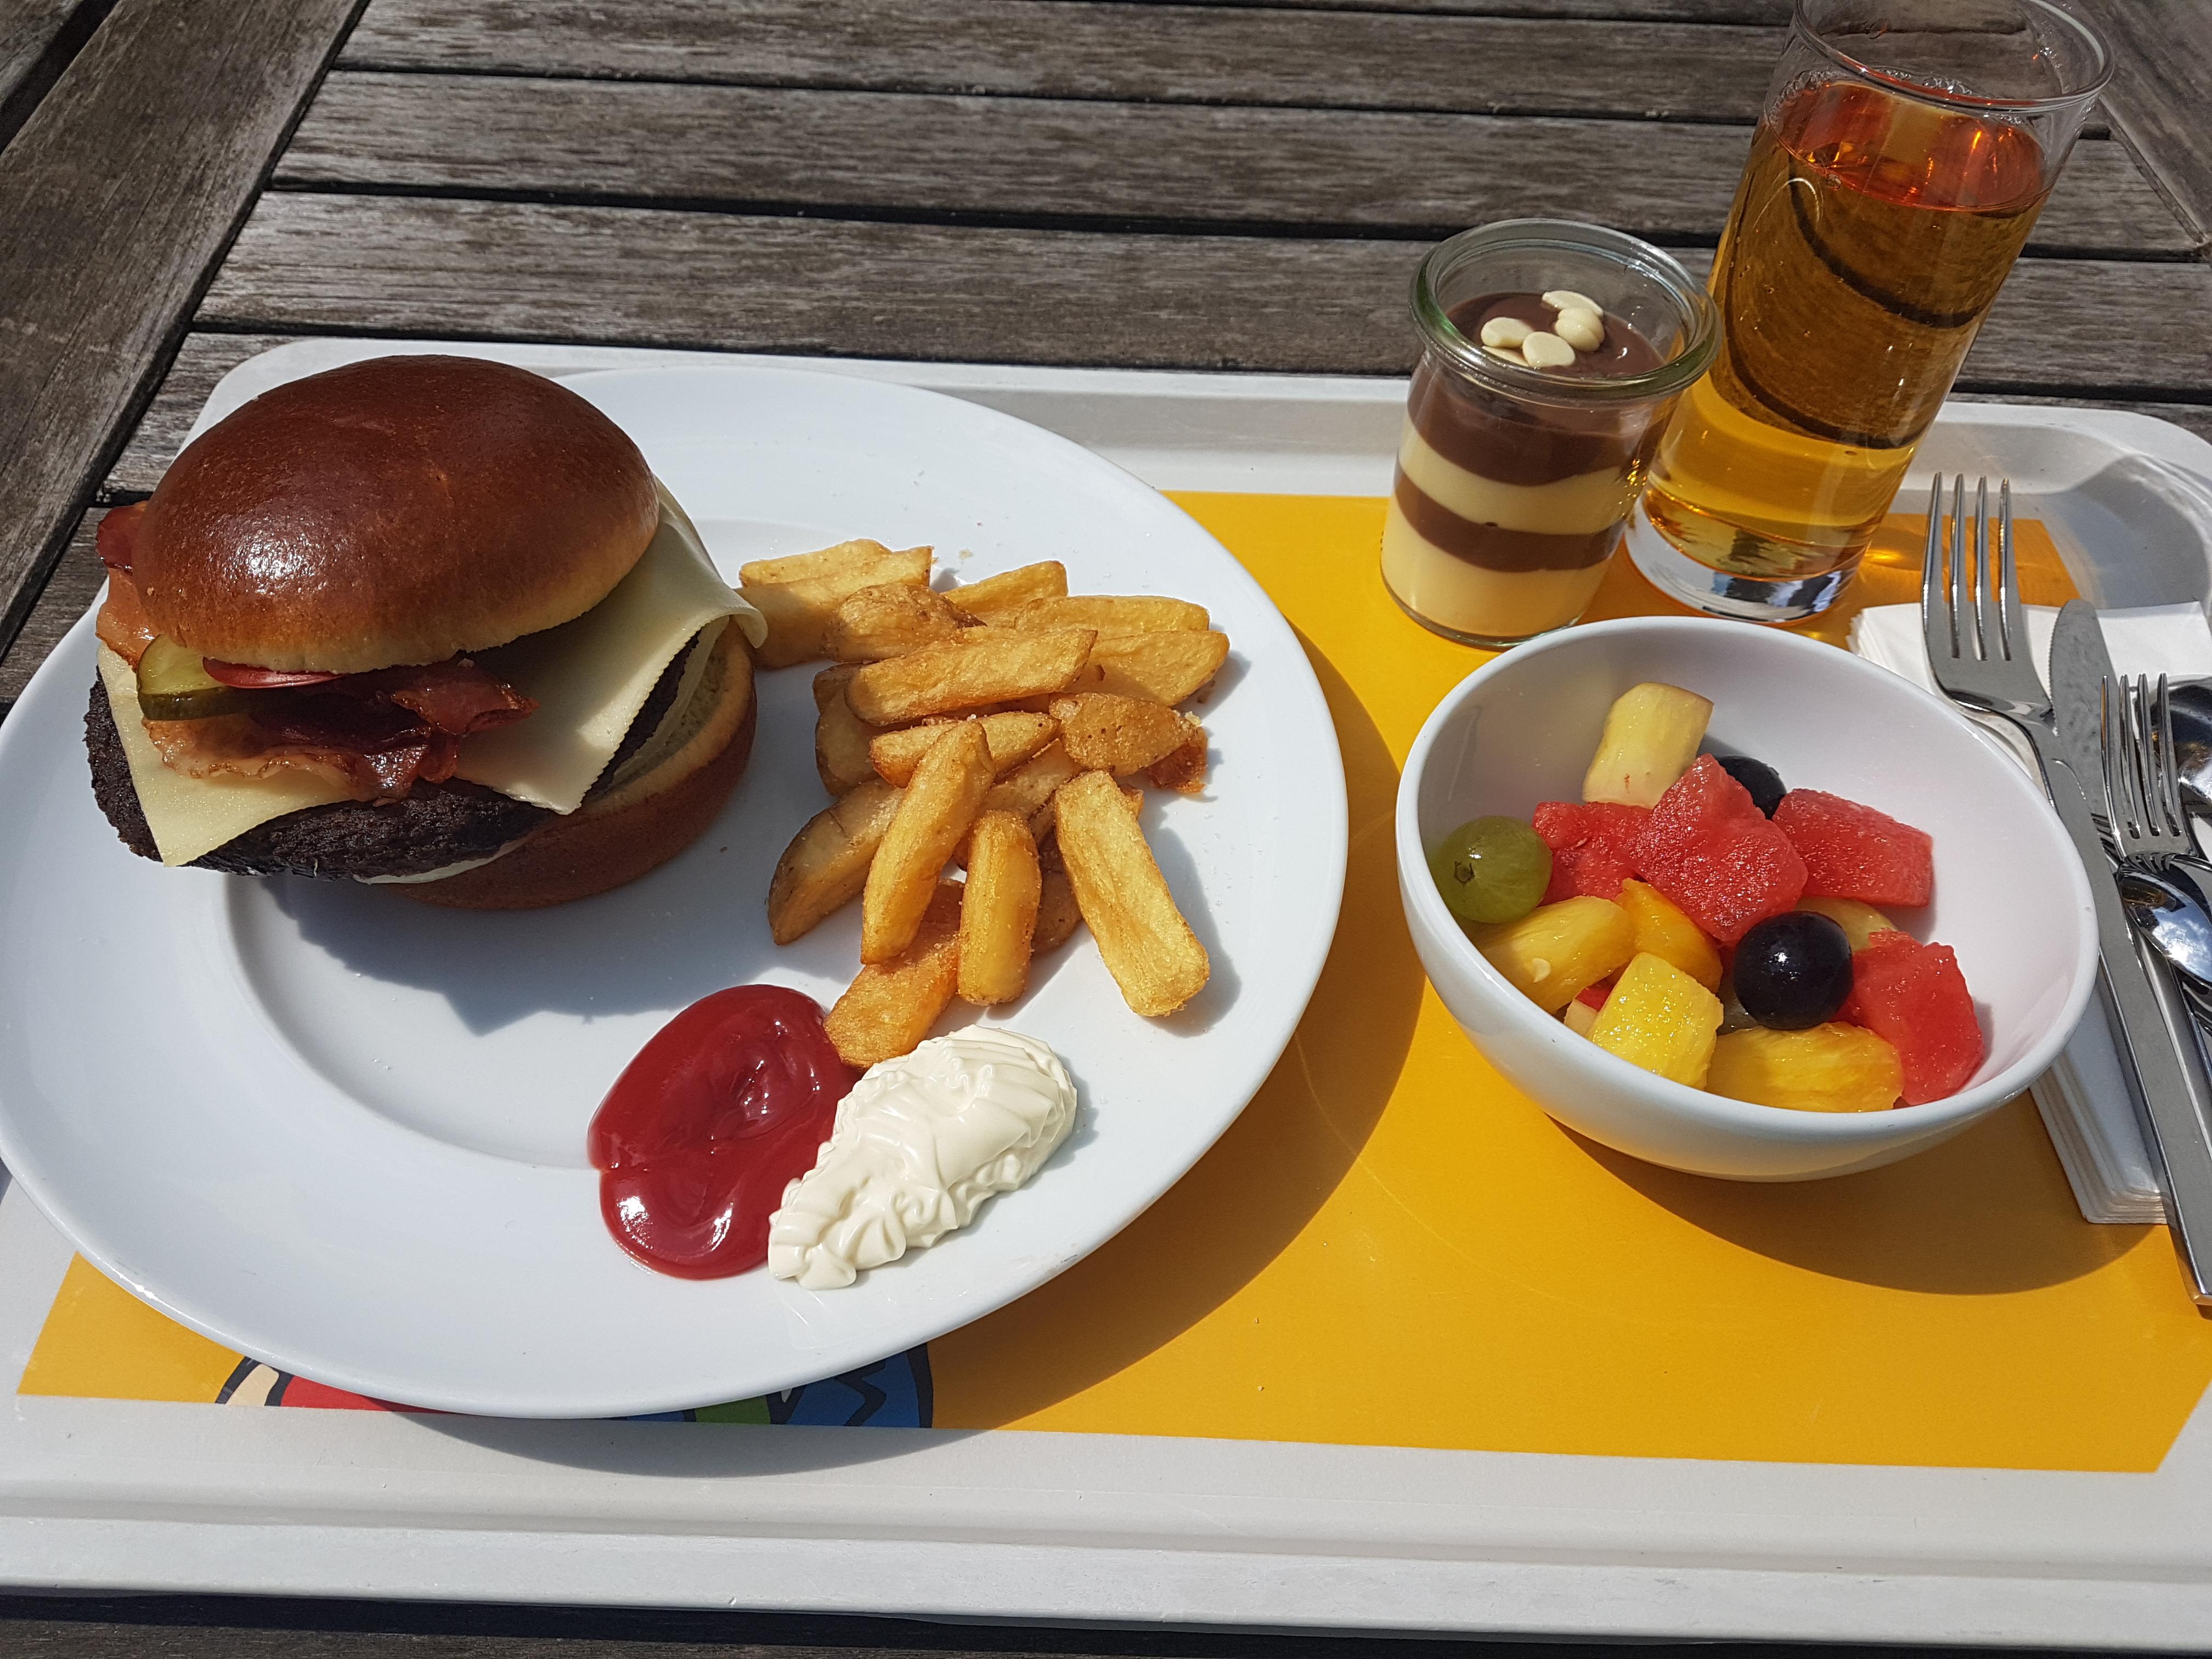 https://foodloader.net/Holz_2019-08-28_Burger_mit_Pommes.jpg